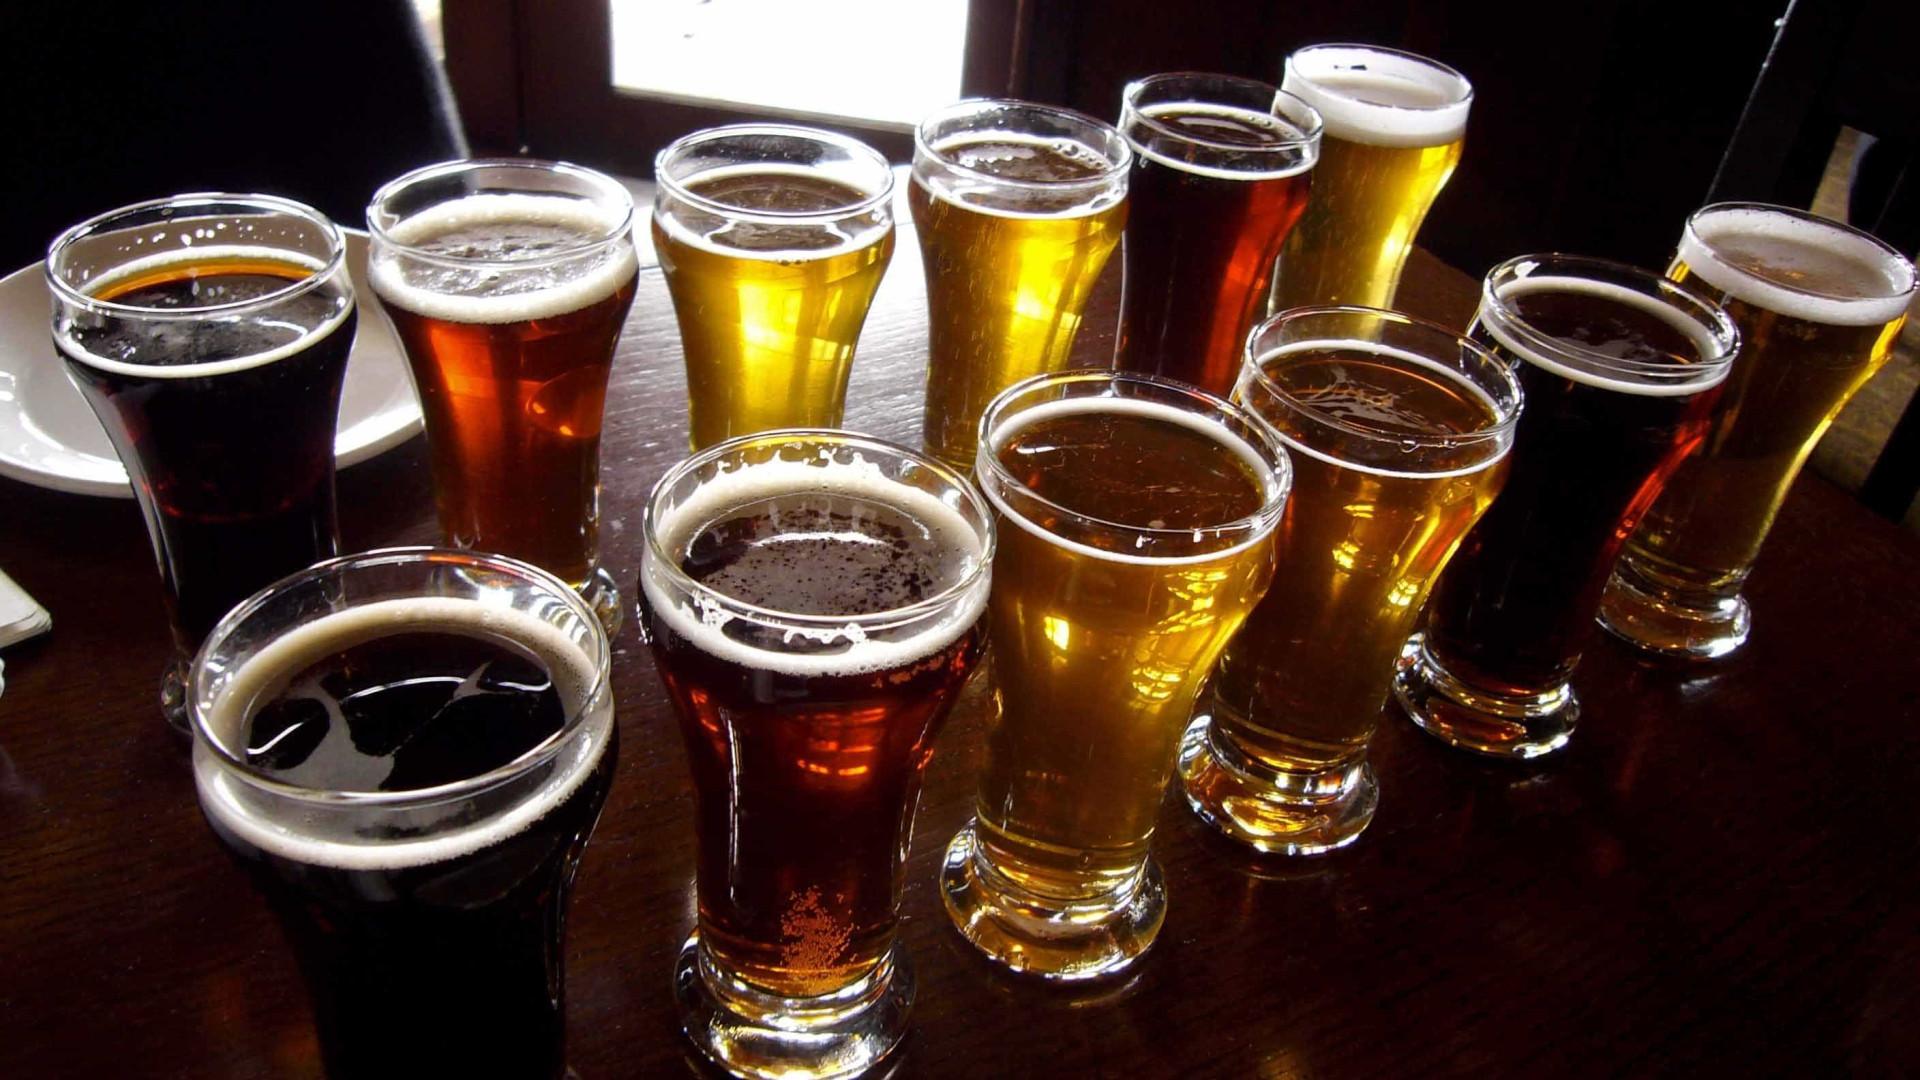 Cerveja é mais eficaz que remédio no combate à dor, diz estudo